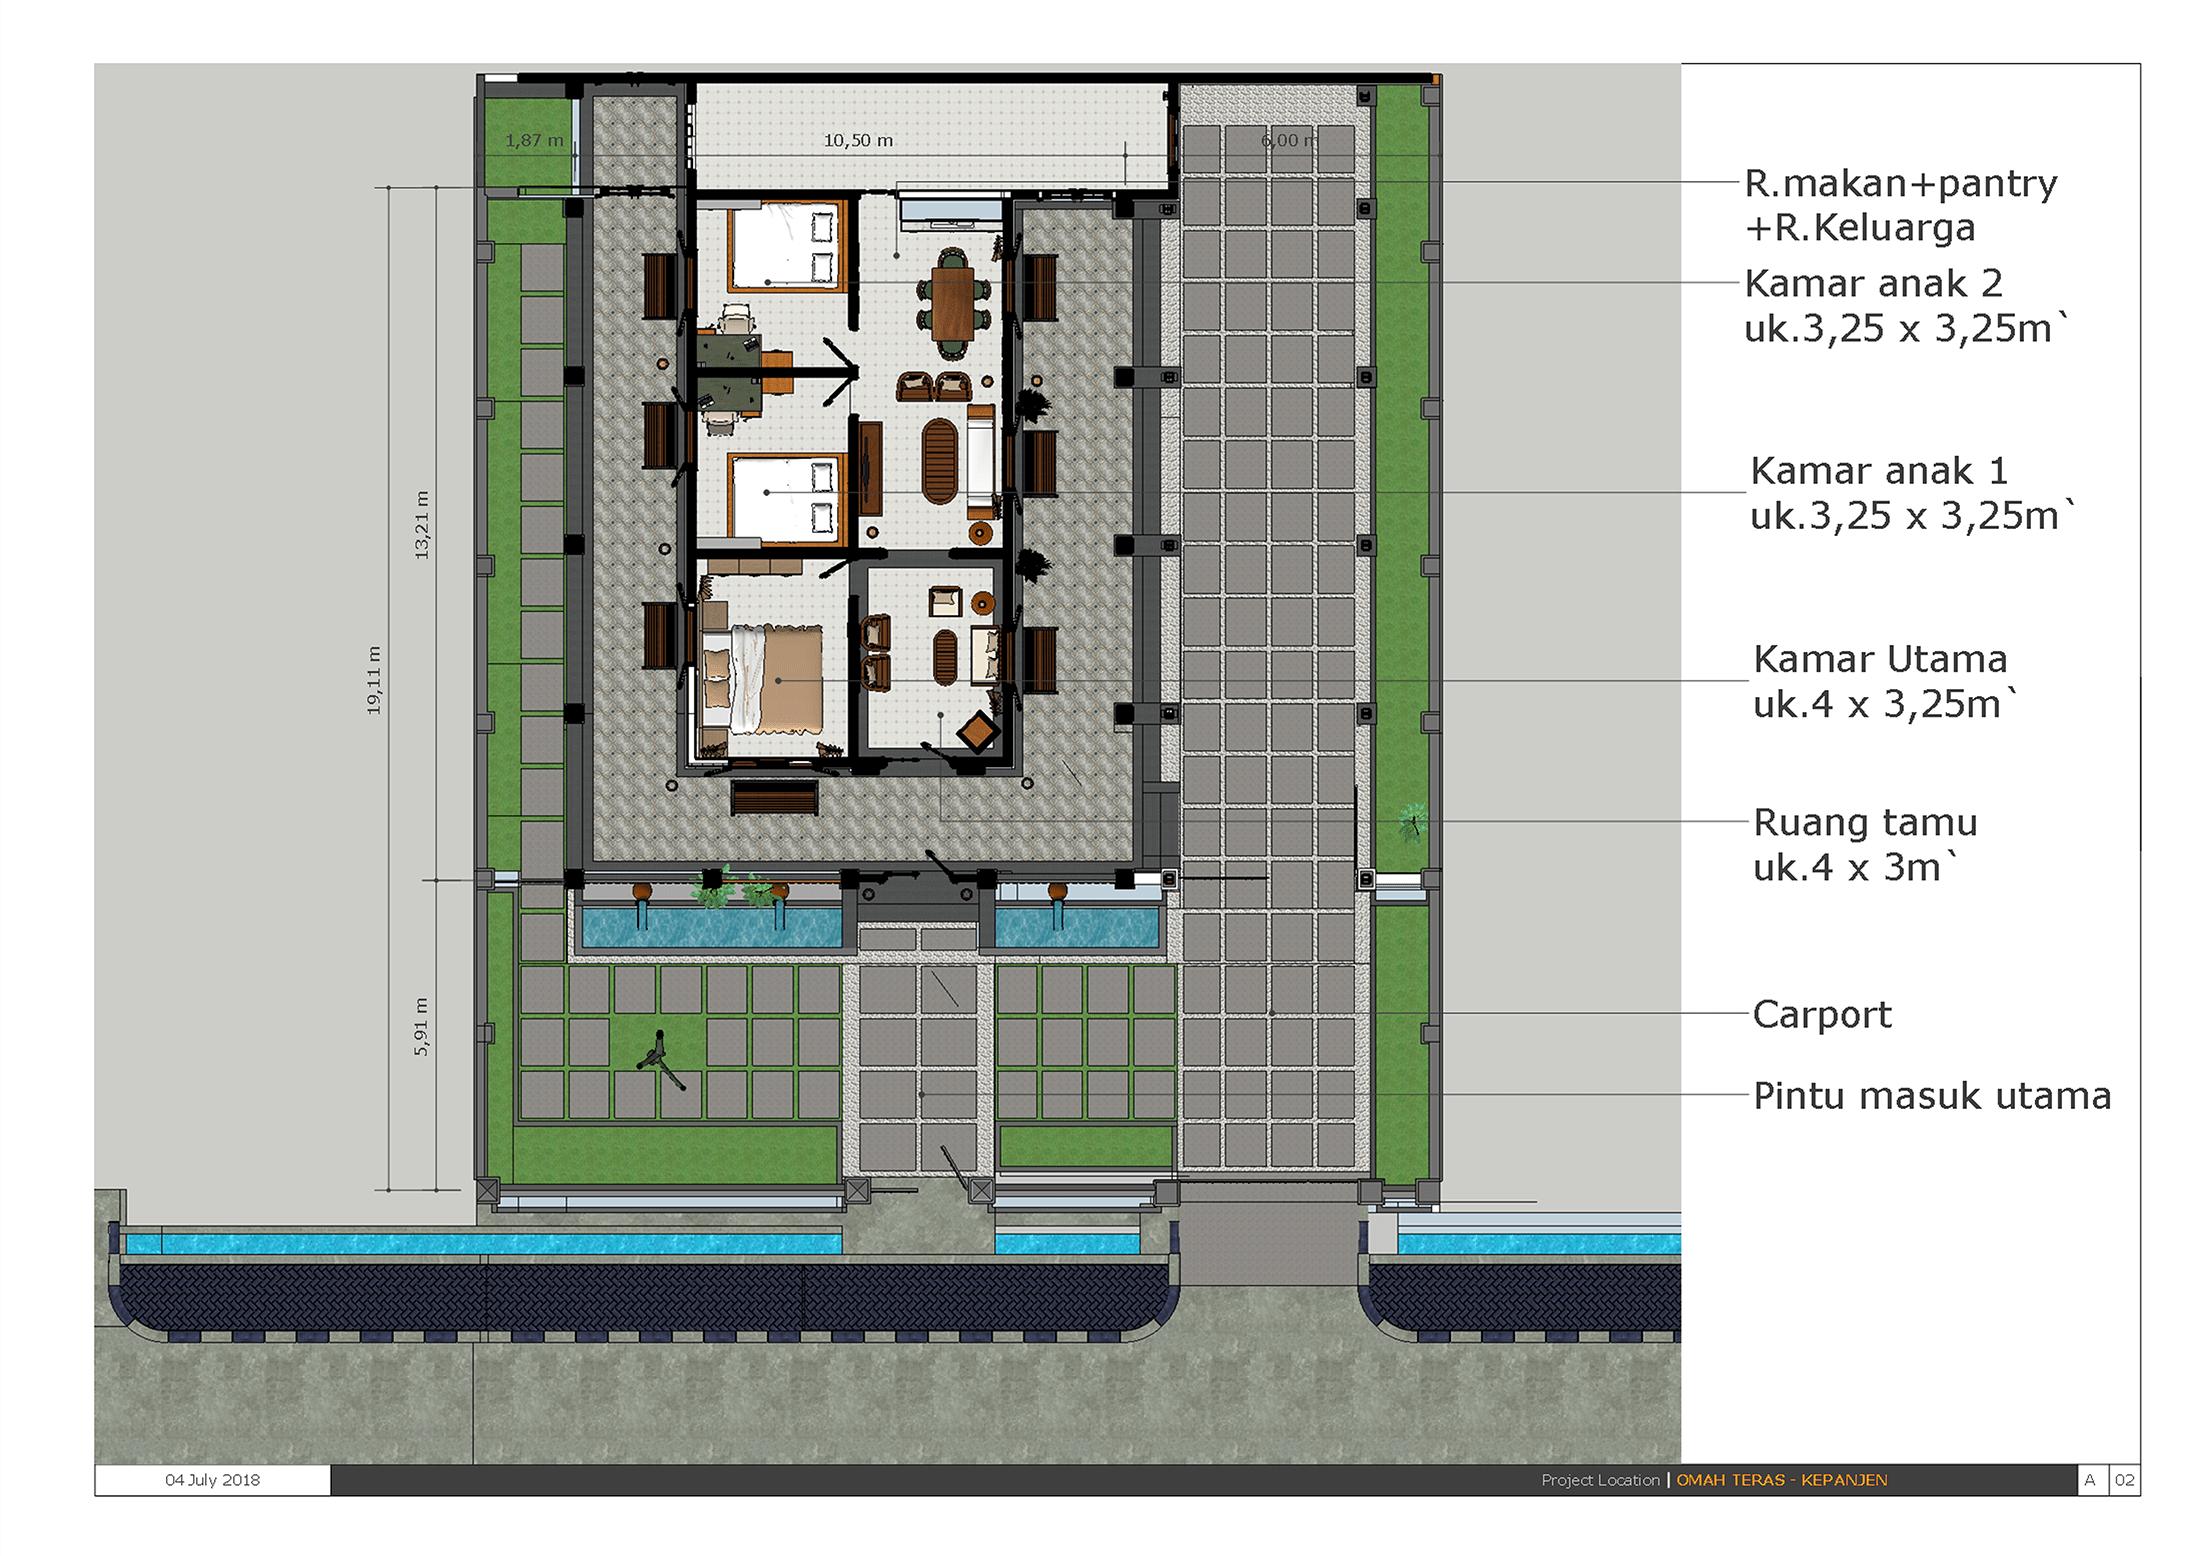 desain layout arsitektur siteplan rumah etnik kontemporer di kepanjen jawa timur